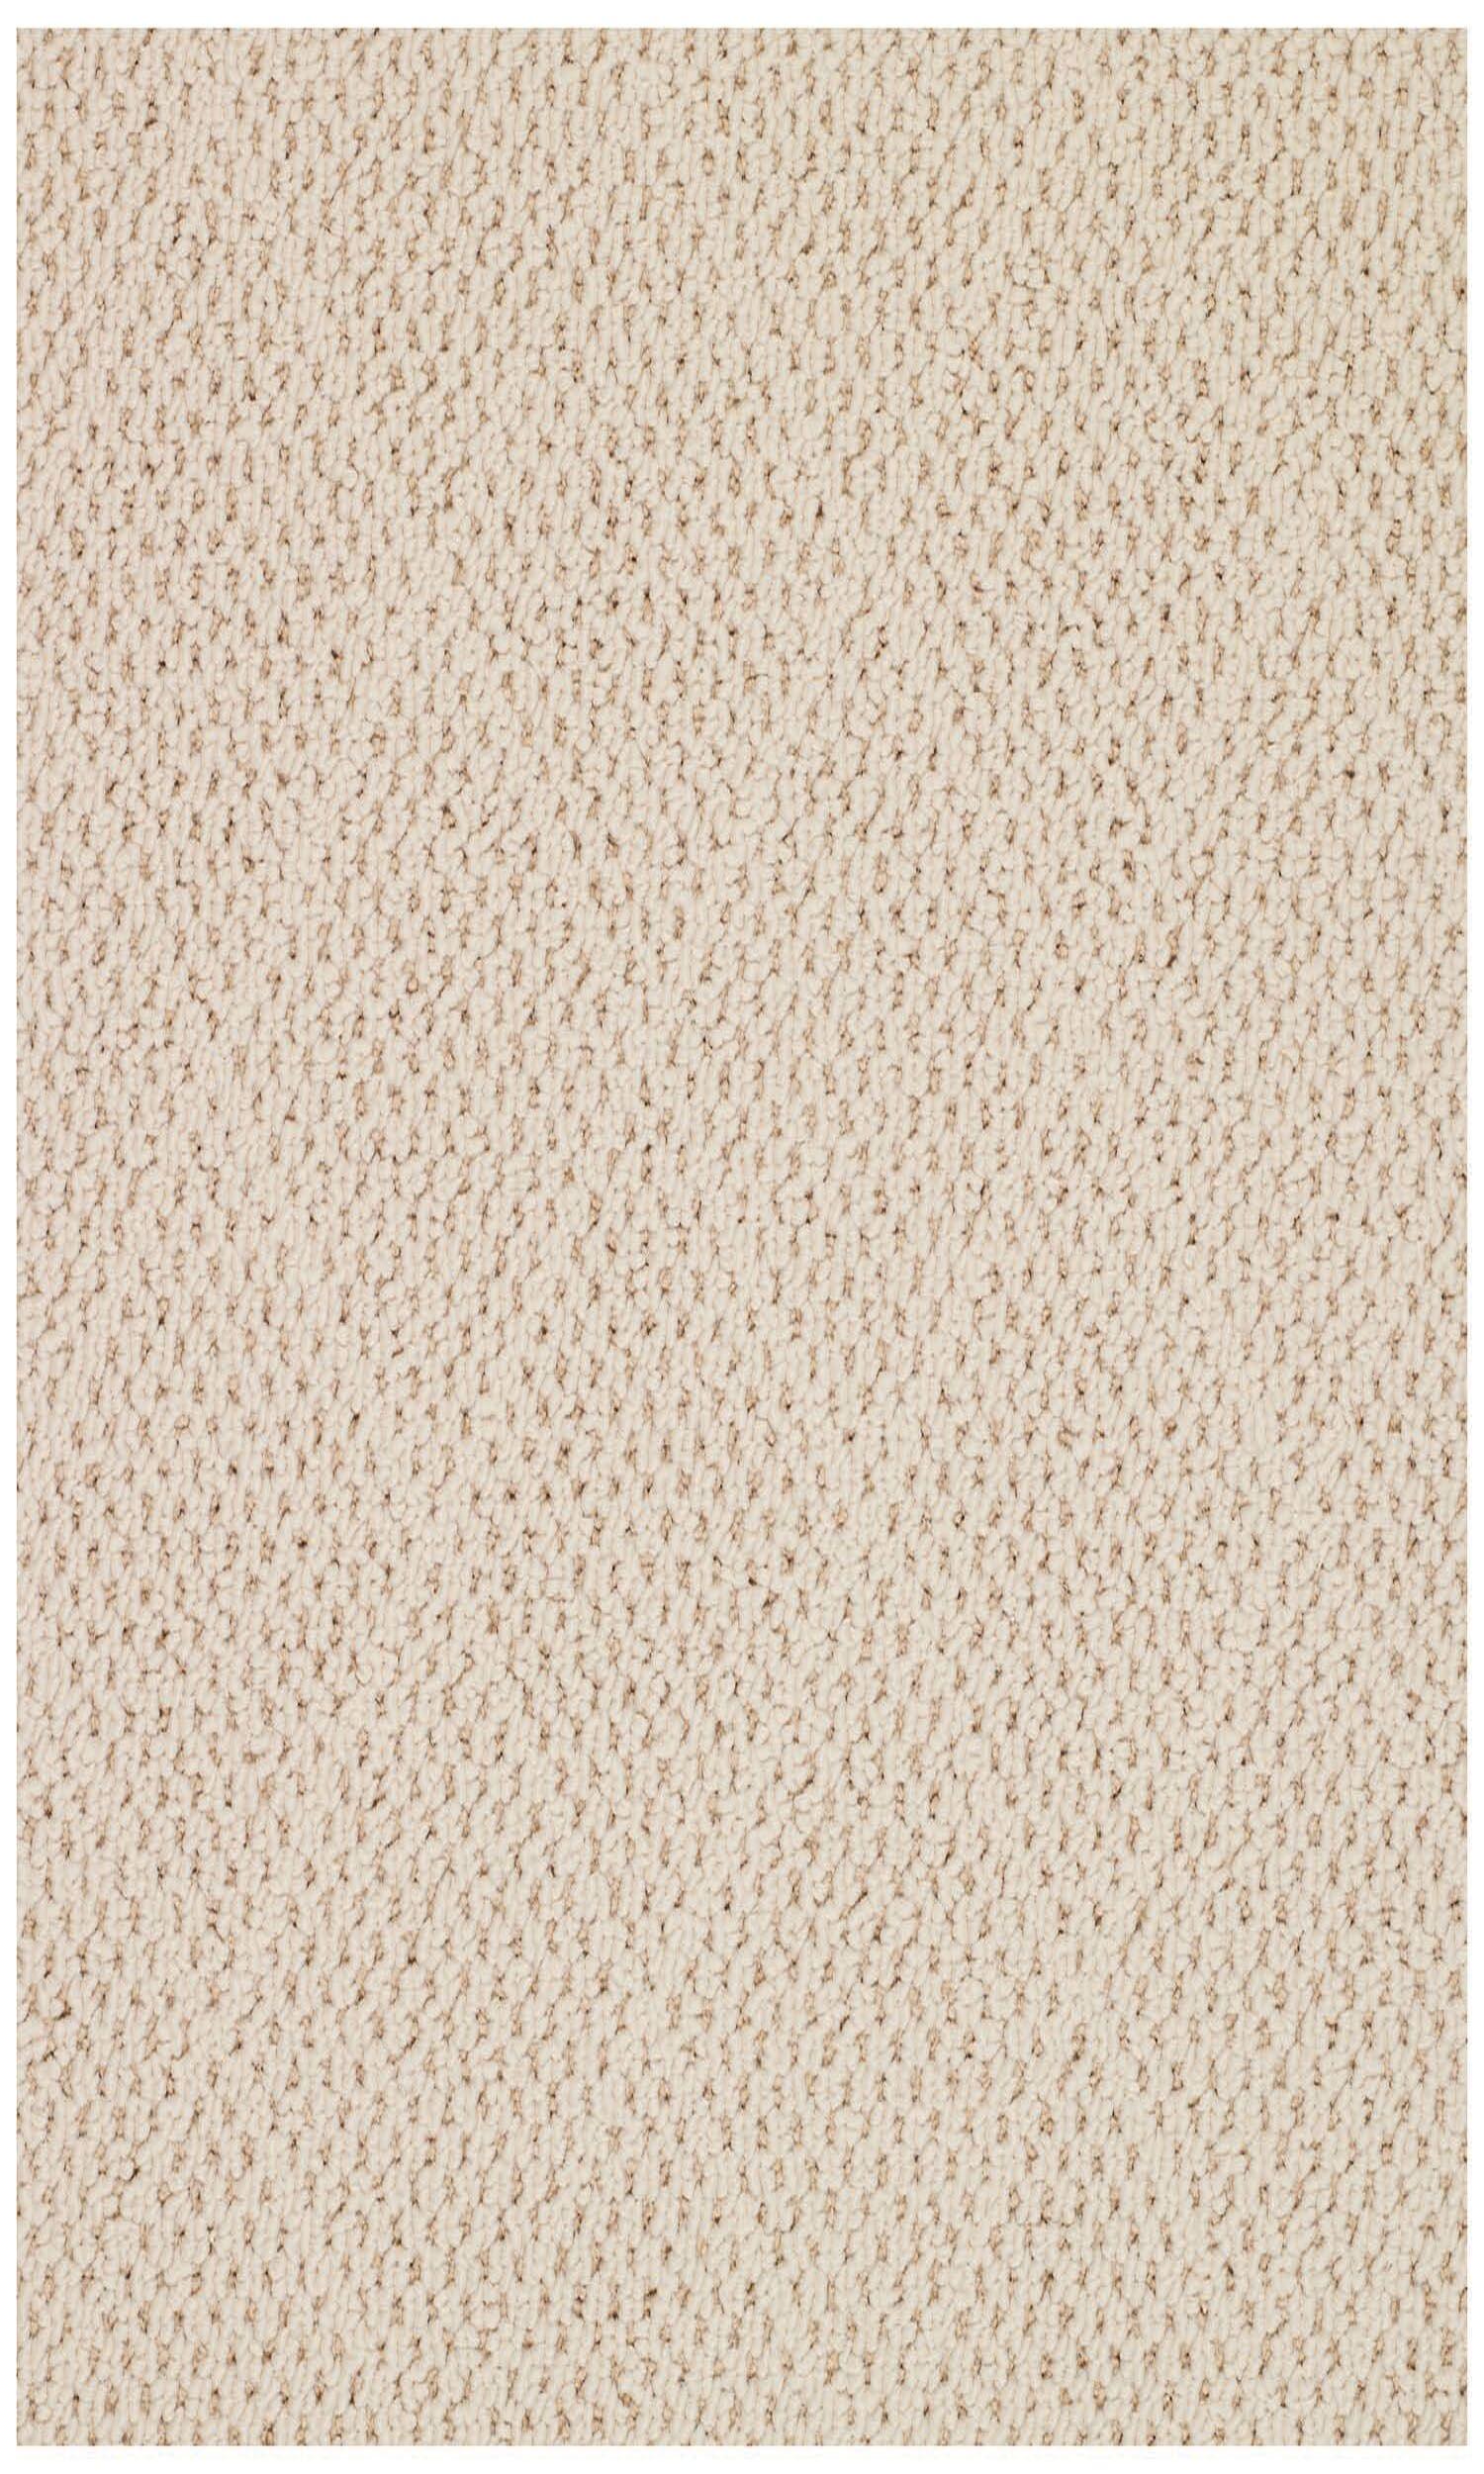 Burgher Beige Indoor/Outdoor Area Rug Rug Size: Rectangle 3' x 5'